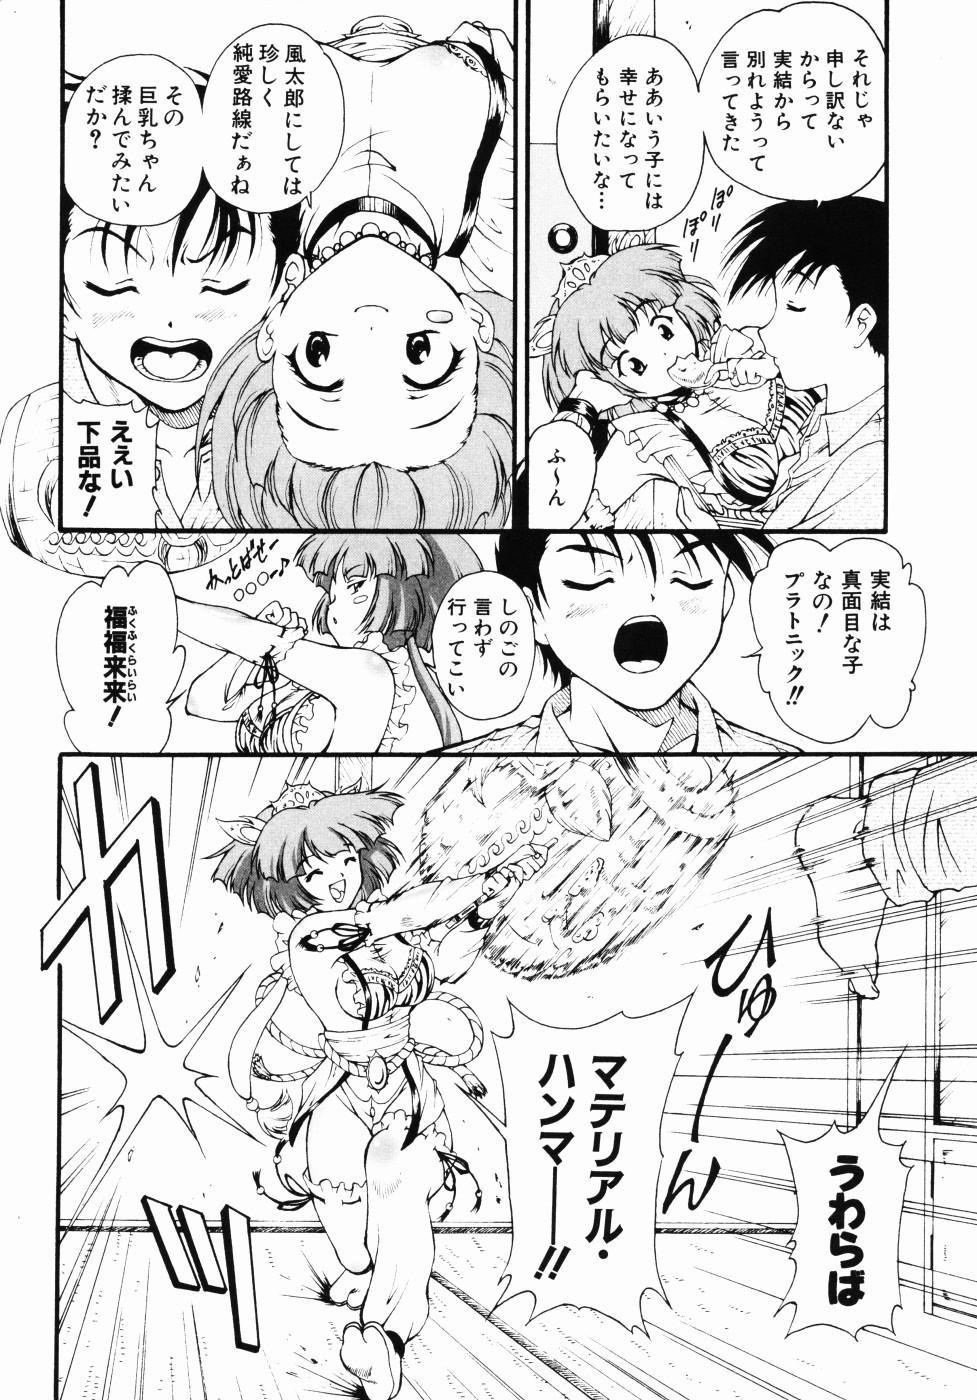 Daikyou Megami 36